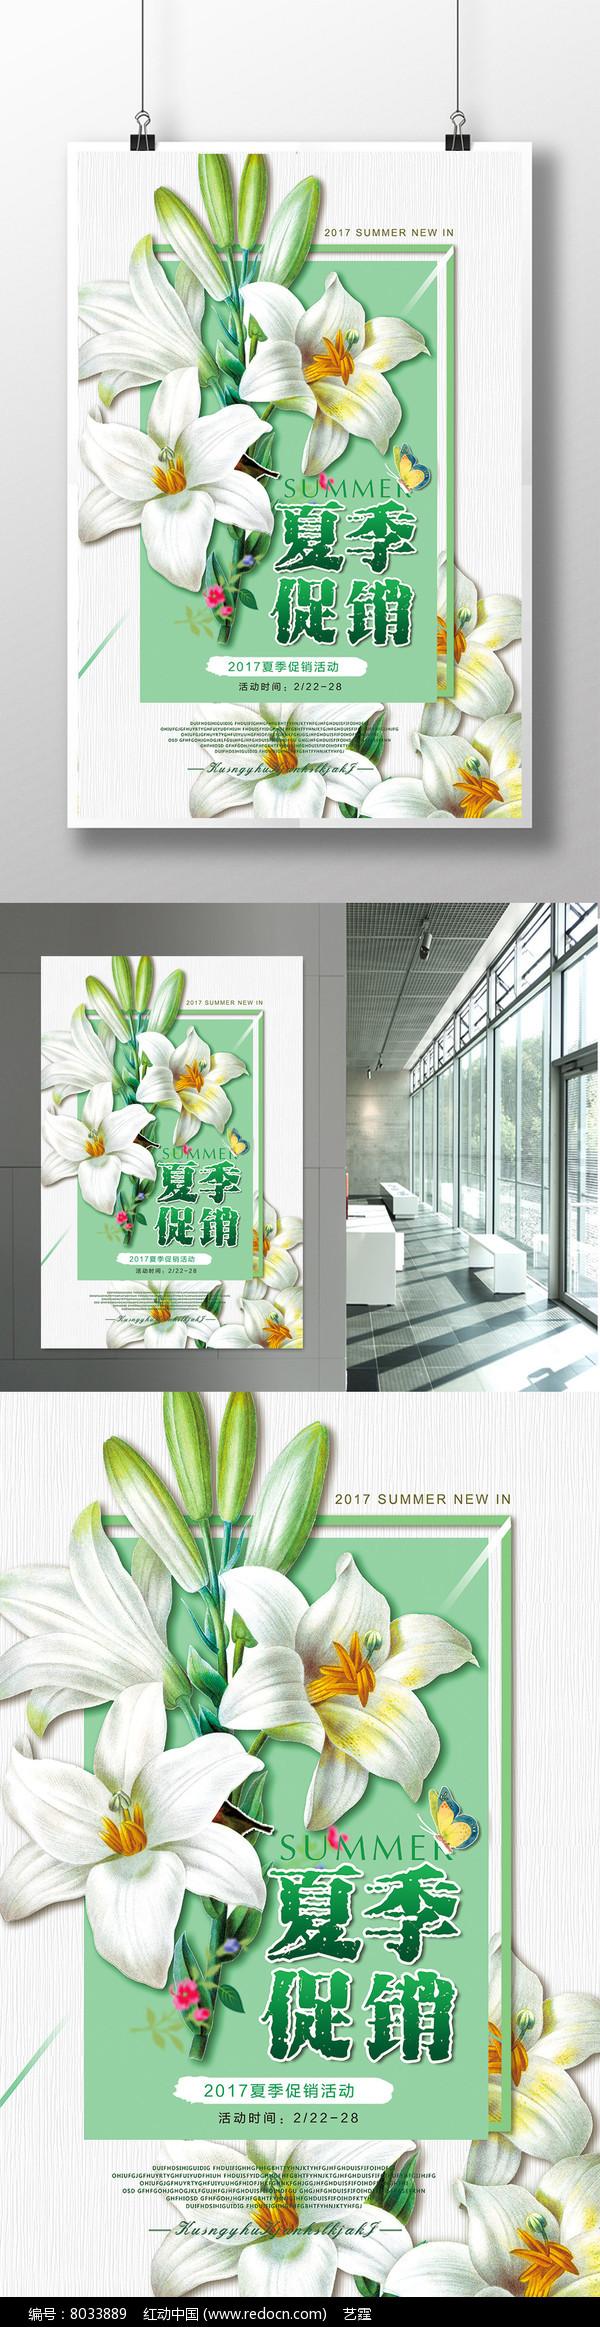 清新夏季促销海报图片